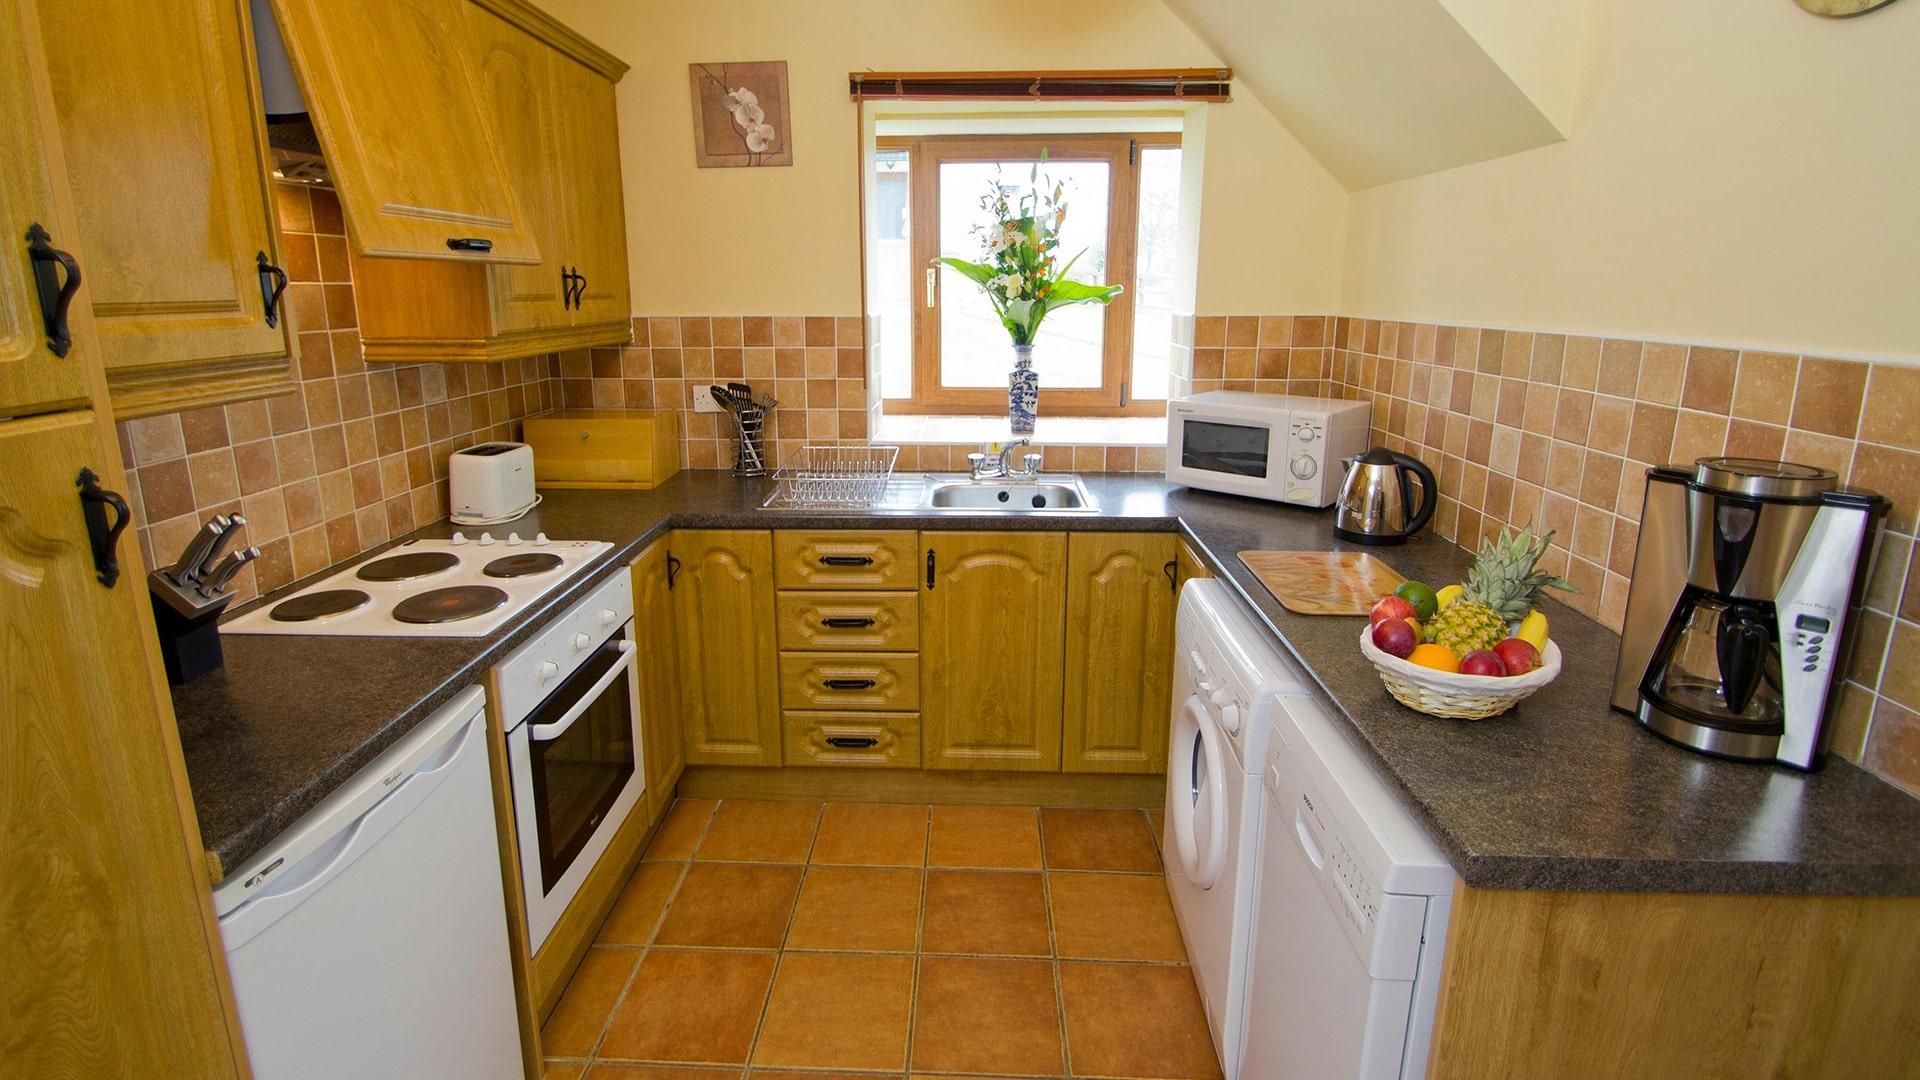 East_Clare_Golf_Village-kitchen-min